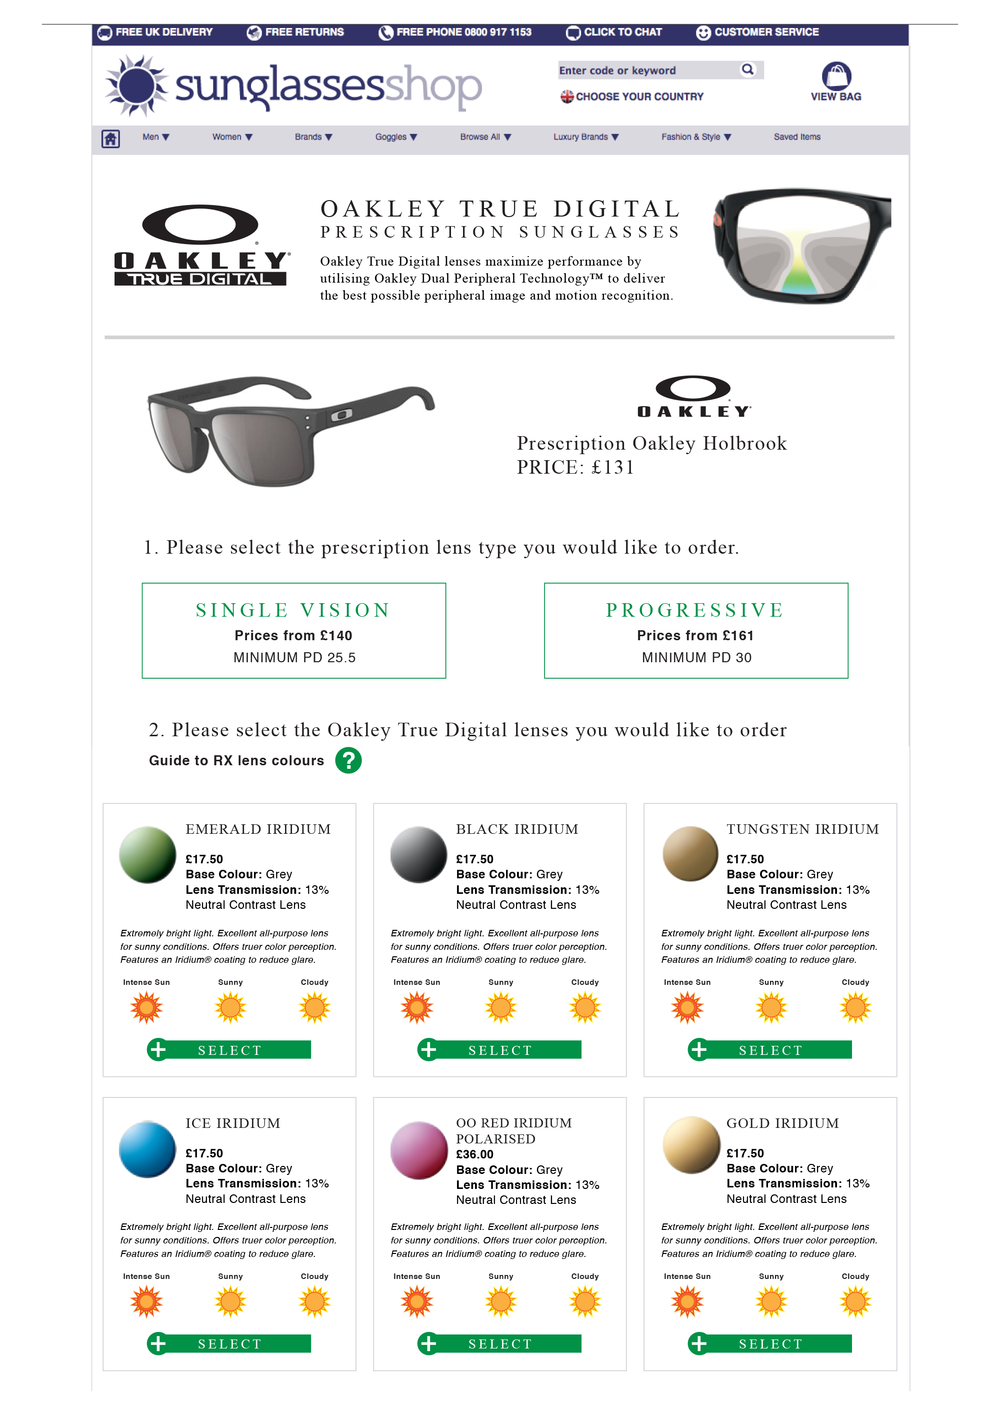 can you get prescription oakley sunglasses xyn1  Oakley-rx-dev-1png